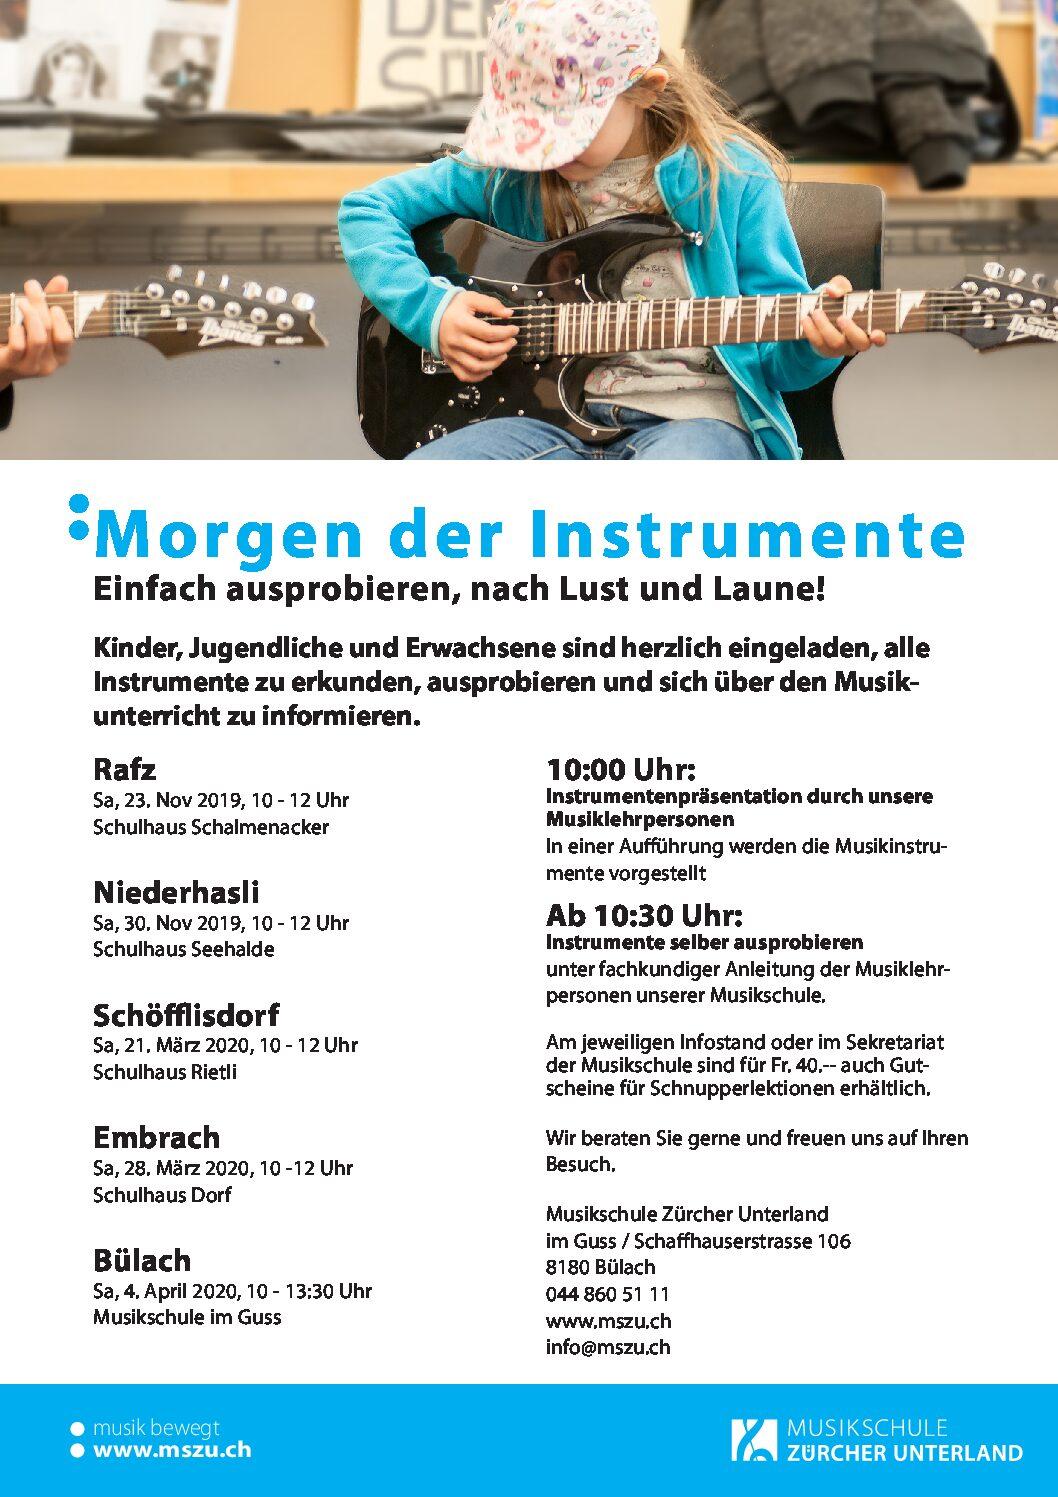 Morgen der Instrumente